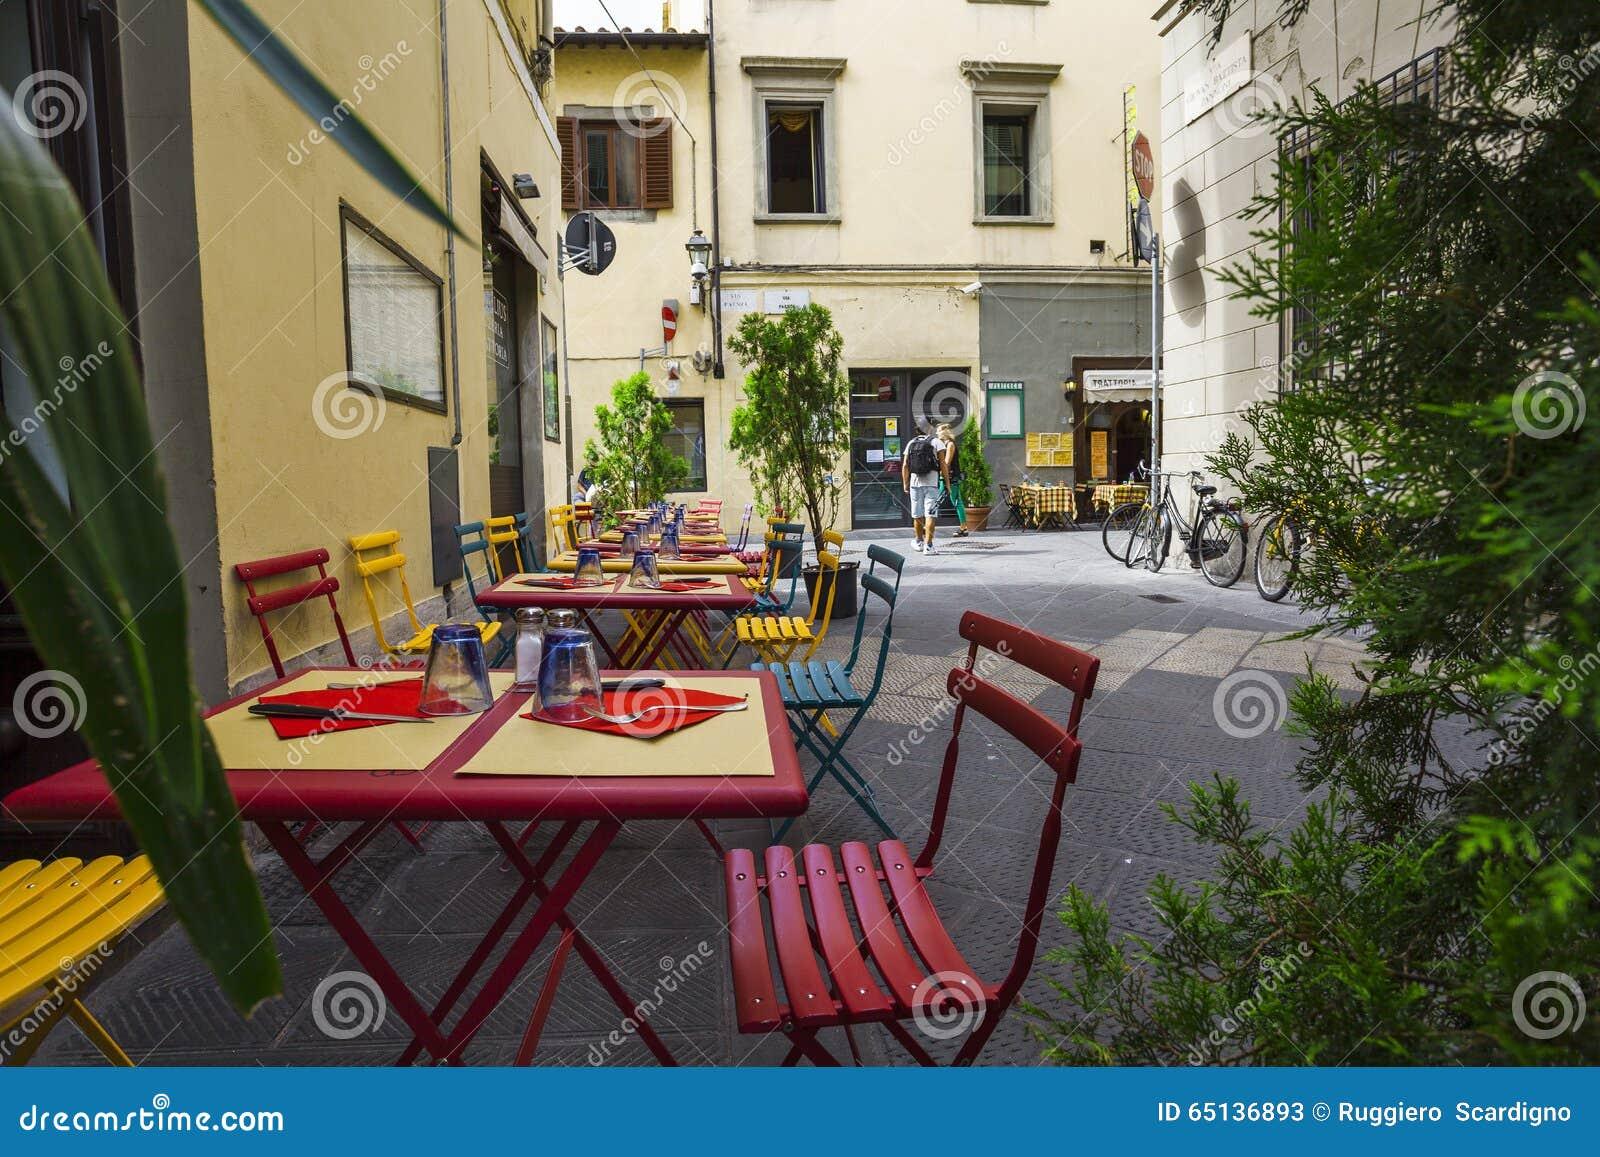 Ιταλικά εστιατόριο, pizzeria και trattoria, Φλωρεντία Τοσκάνη